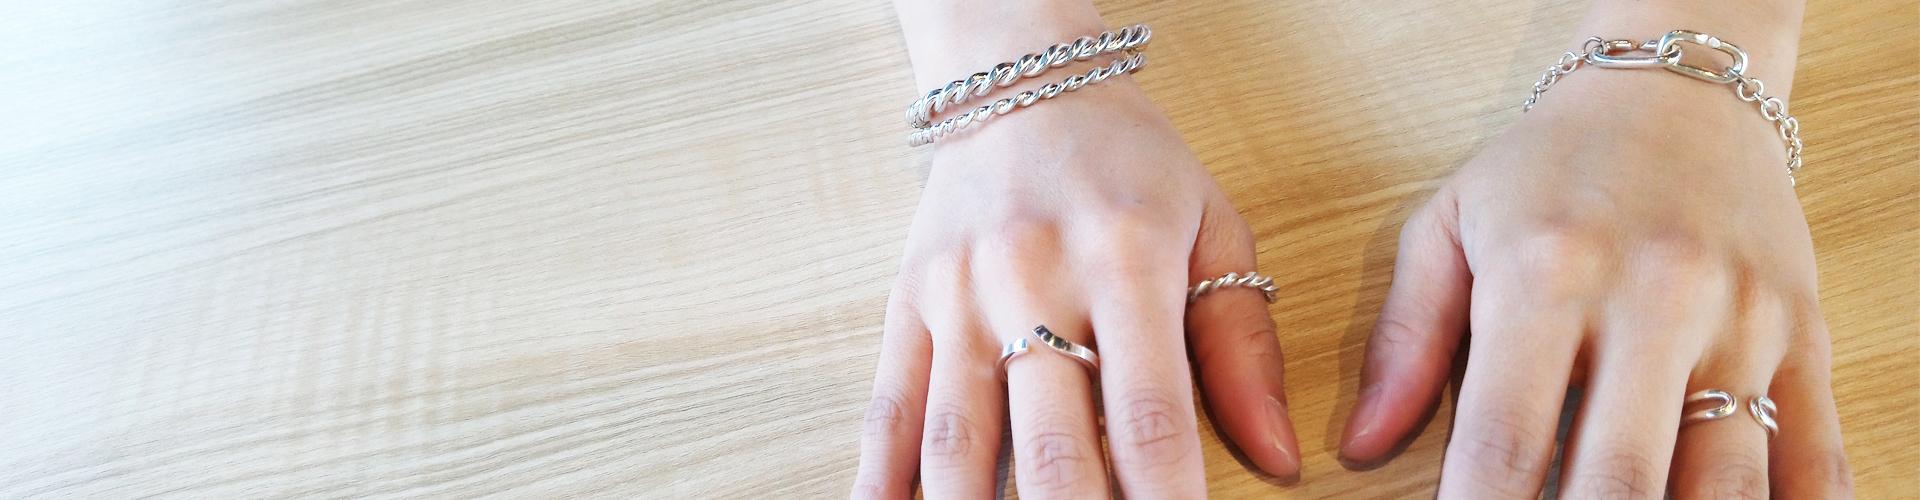 mittag jewelry結合線上客服、多種物流取貨與第三方支付  輕鬆又聰明的購物體驗原來這麼簡單